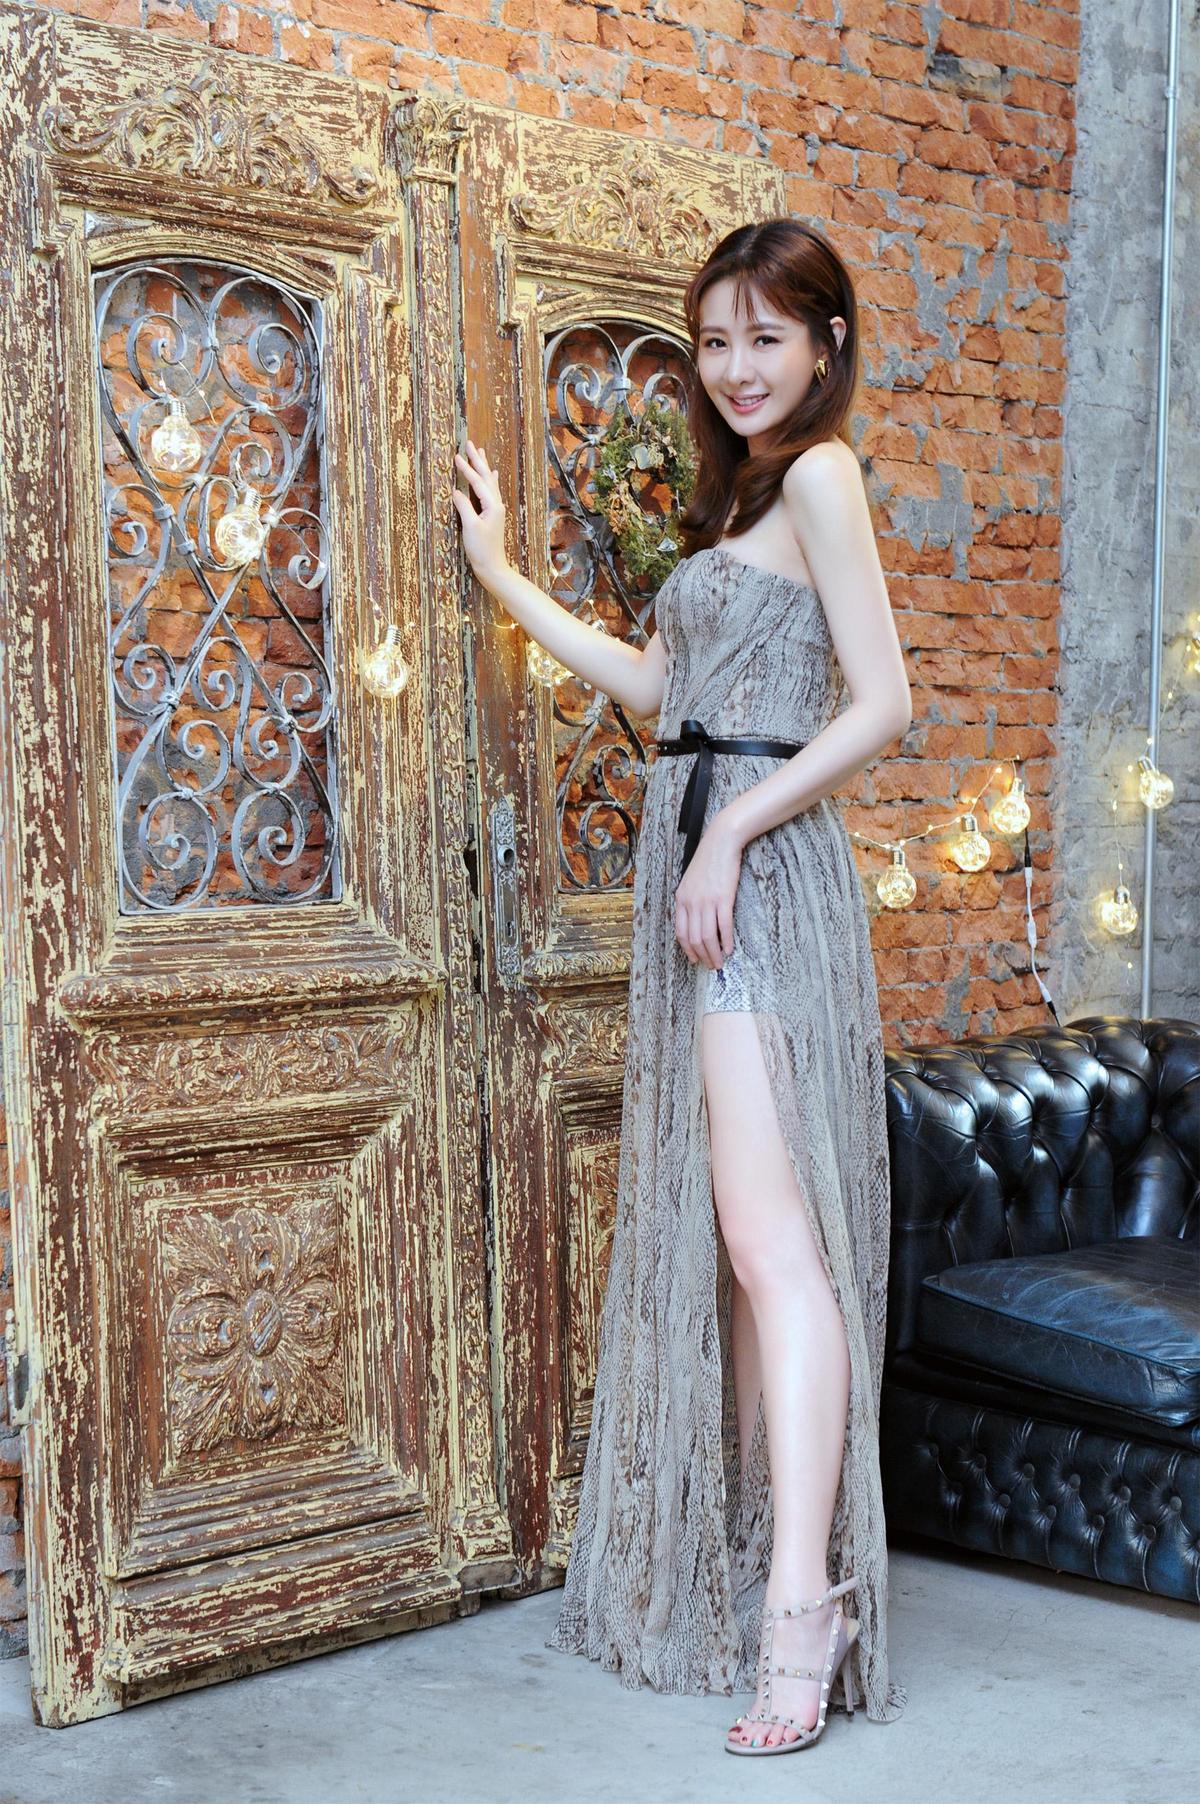 安心亞新專輯預計暑假推出,先唱輕鬆療癒的單曲〈Chillaxing〉送給粉絲。(環球提供)